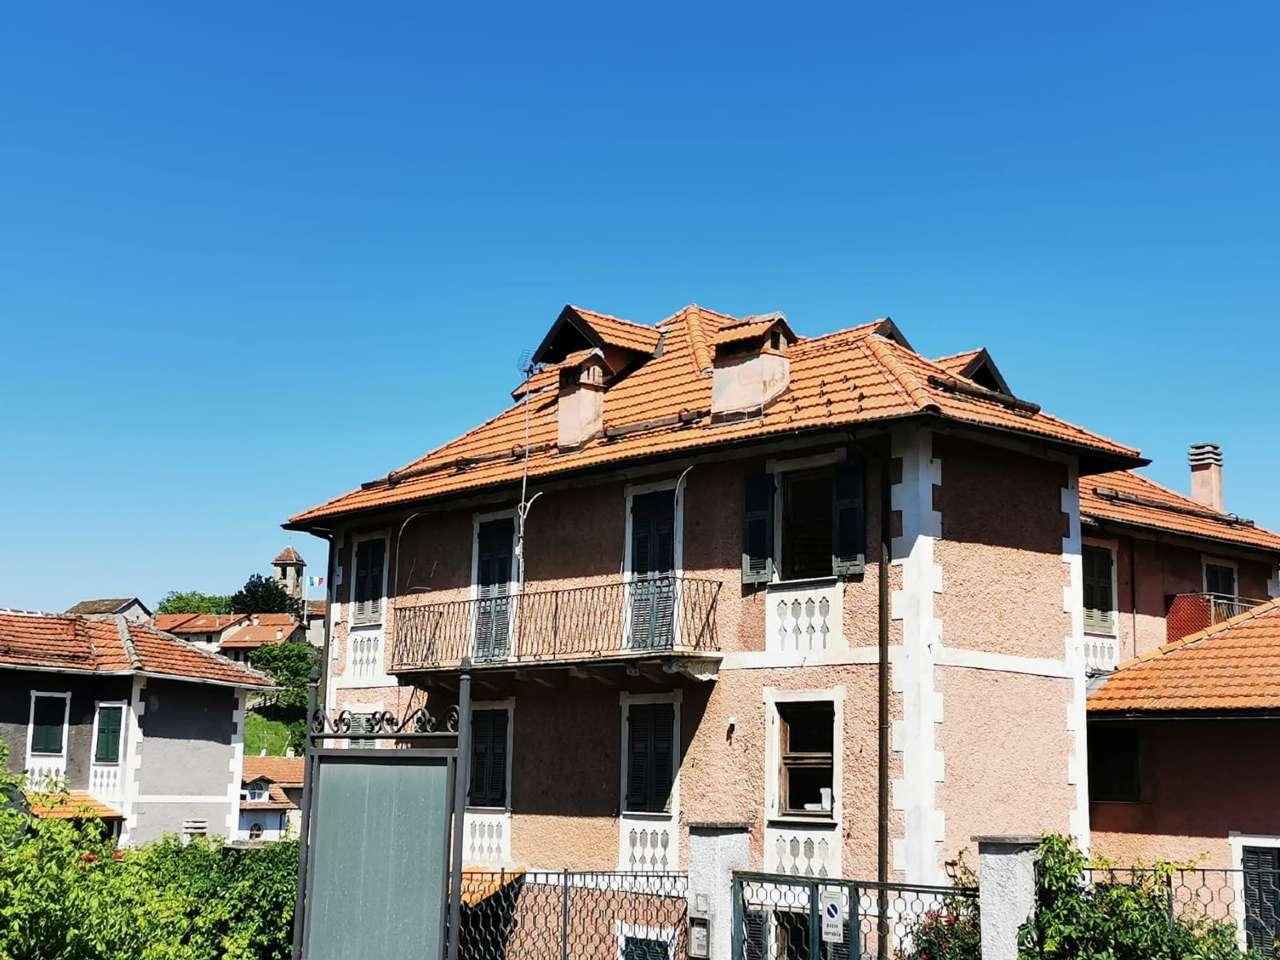 Appartamento in vendita a Sassello, 5 locali, prezzo € 60.000 | CambioCasa.it